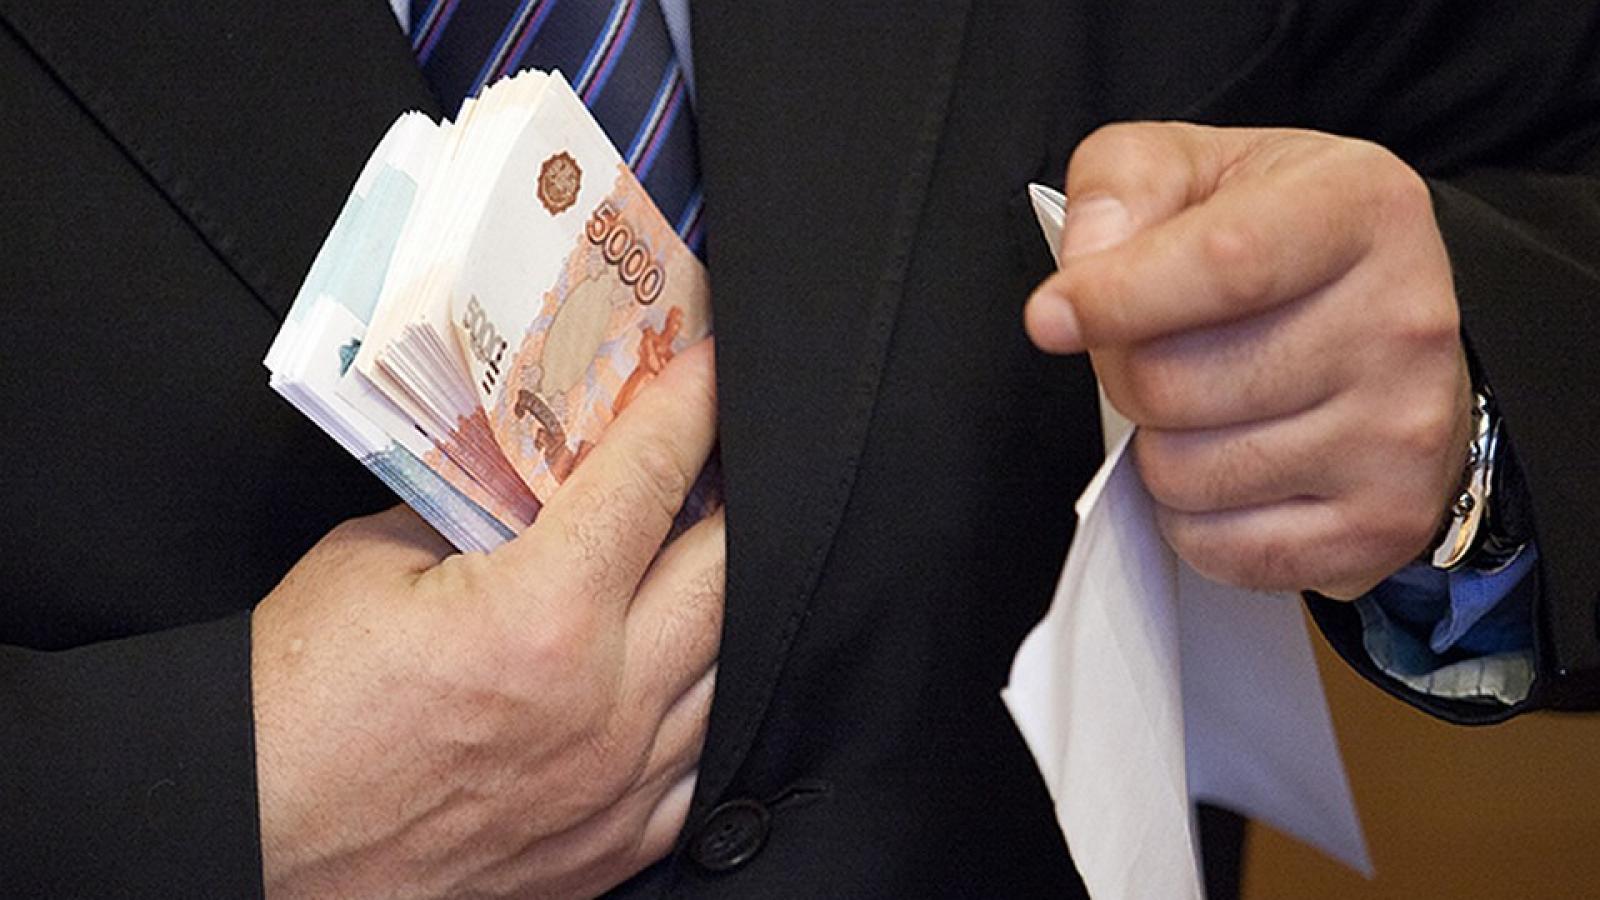 В отношении депутата вологодского ЗСО возбуждено дело о мошенничестве